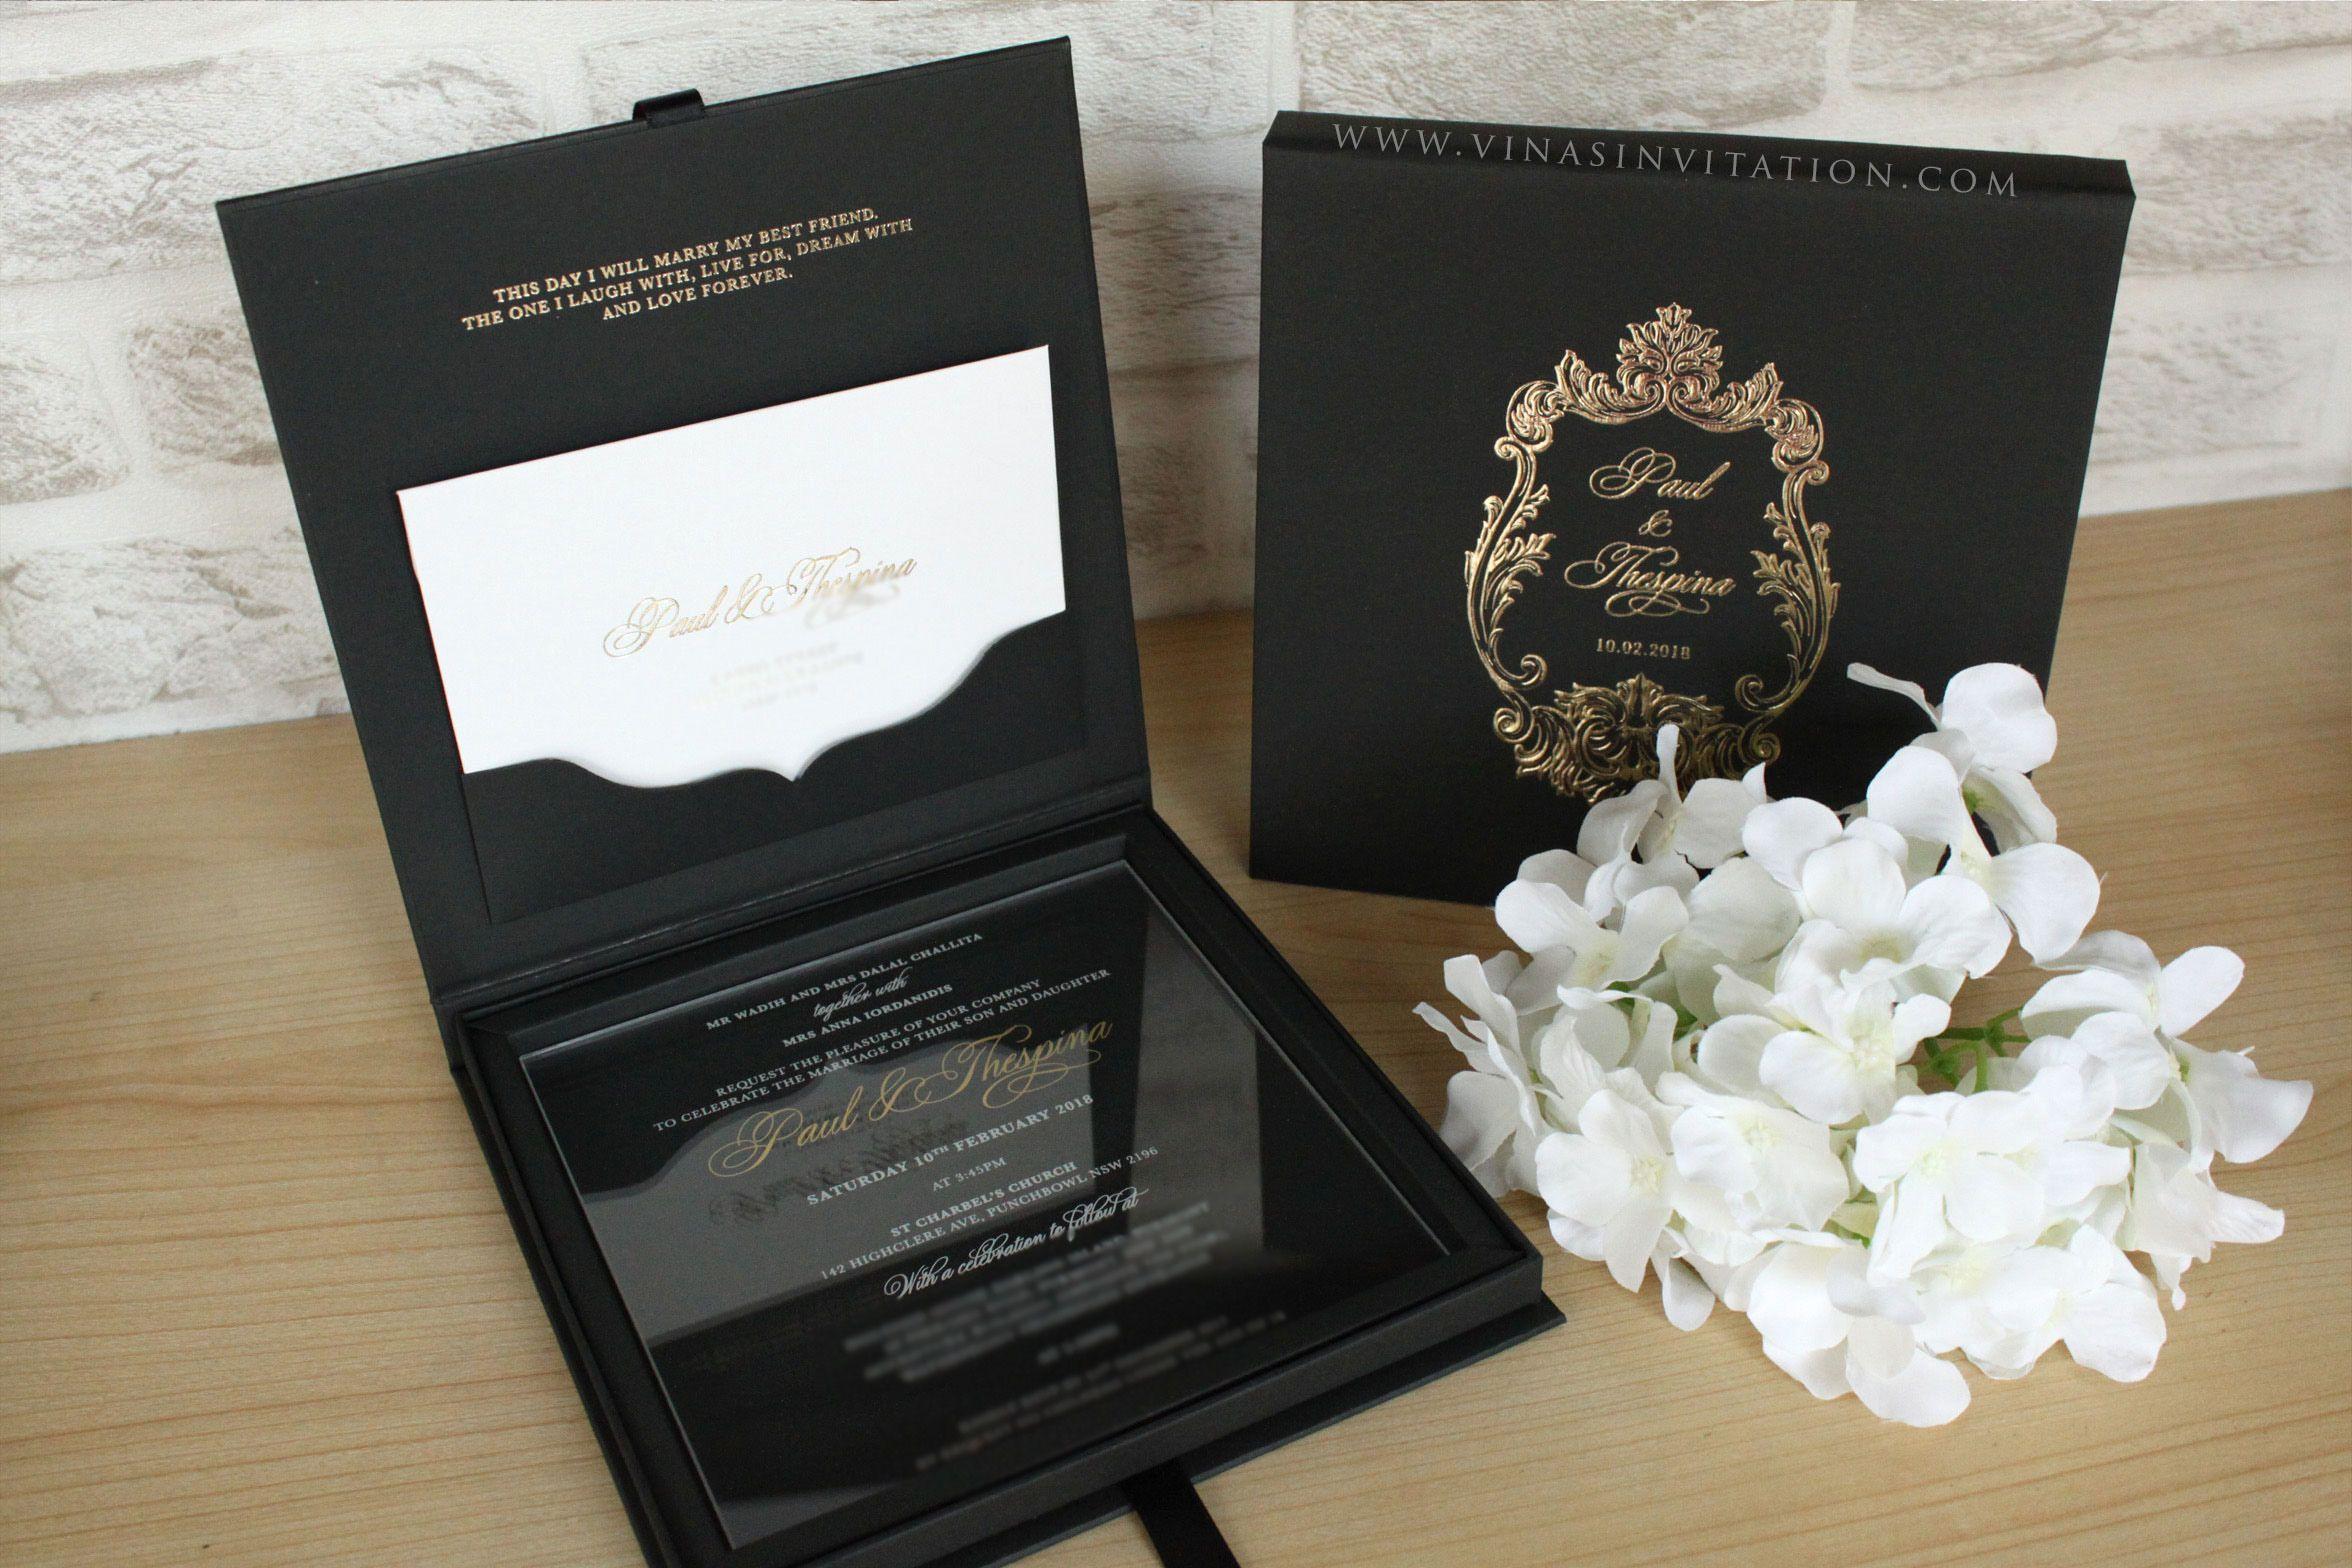 Vinas Invitation Sydney Wedding Invitation Indonesia Wedding Invitation Wedding Invitat Acrylic Invitations Box Wedding Invitations Wedding Invitation Cards